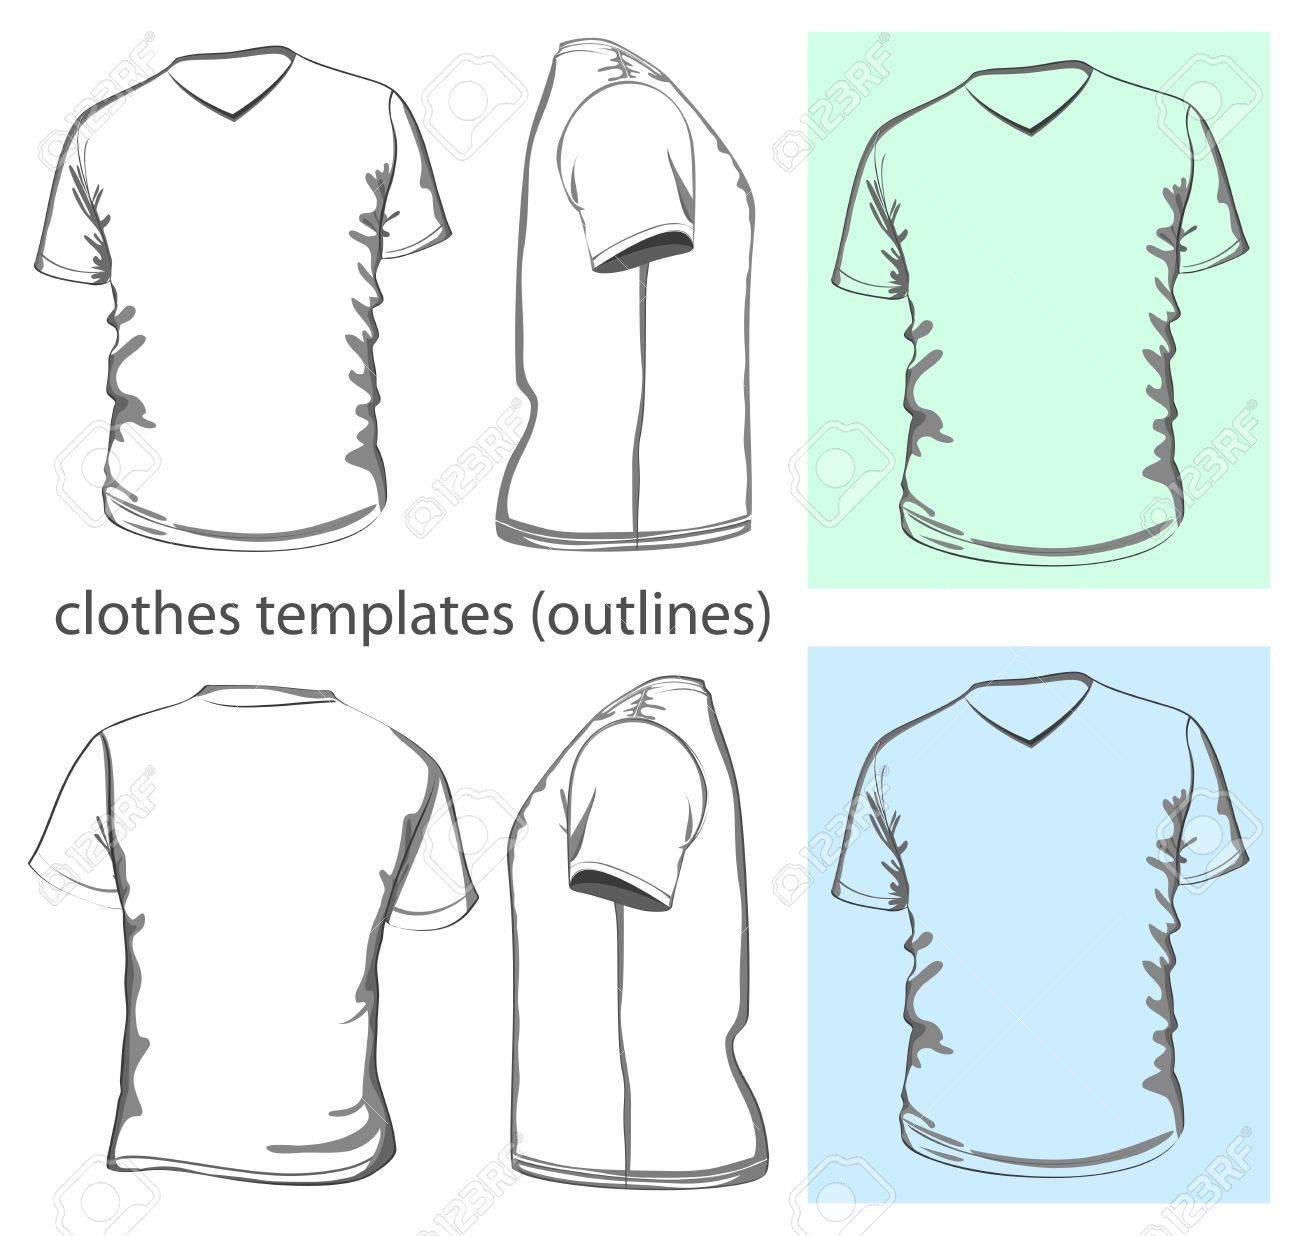 Design shirt v neck - Men S T Shirt Design Template V Neck Front Back And